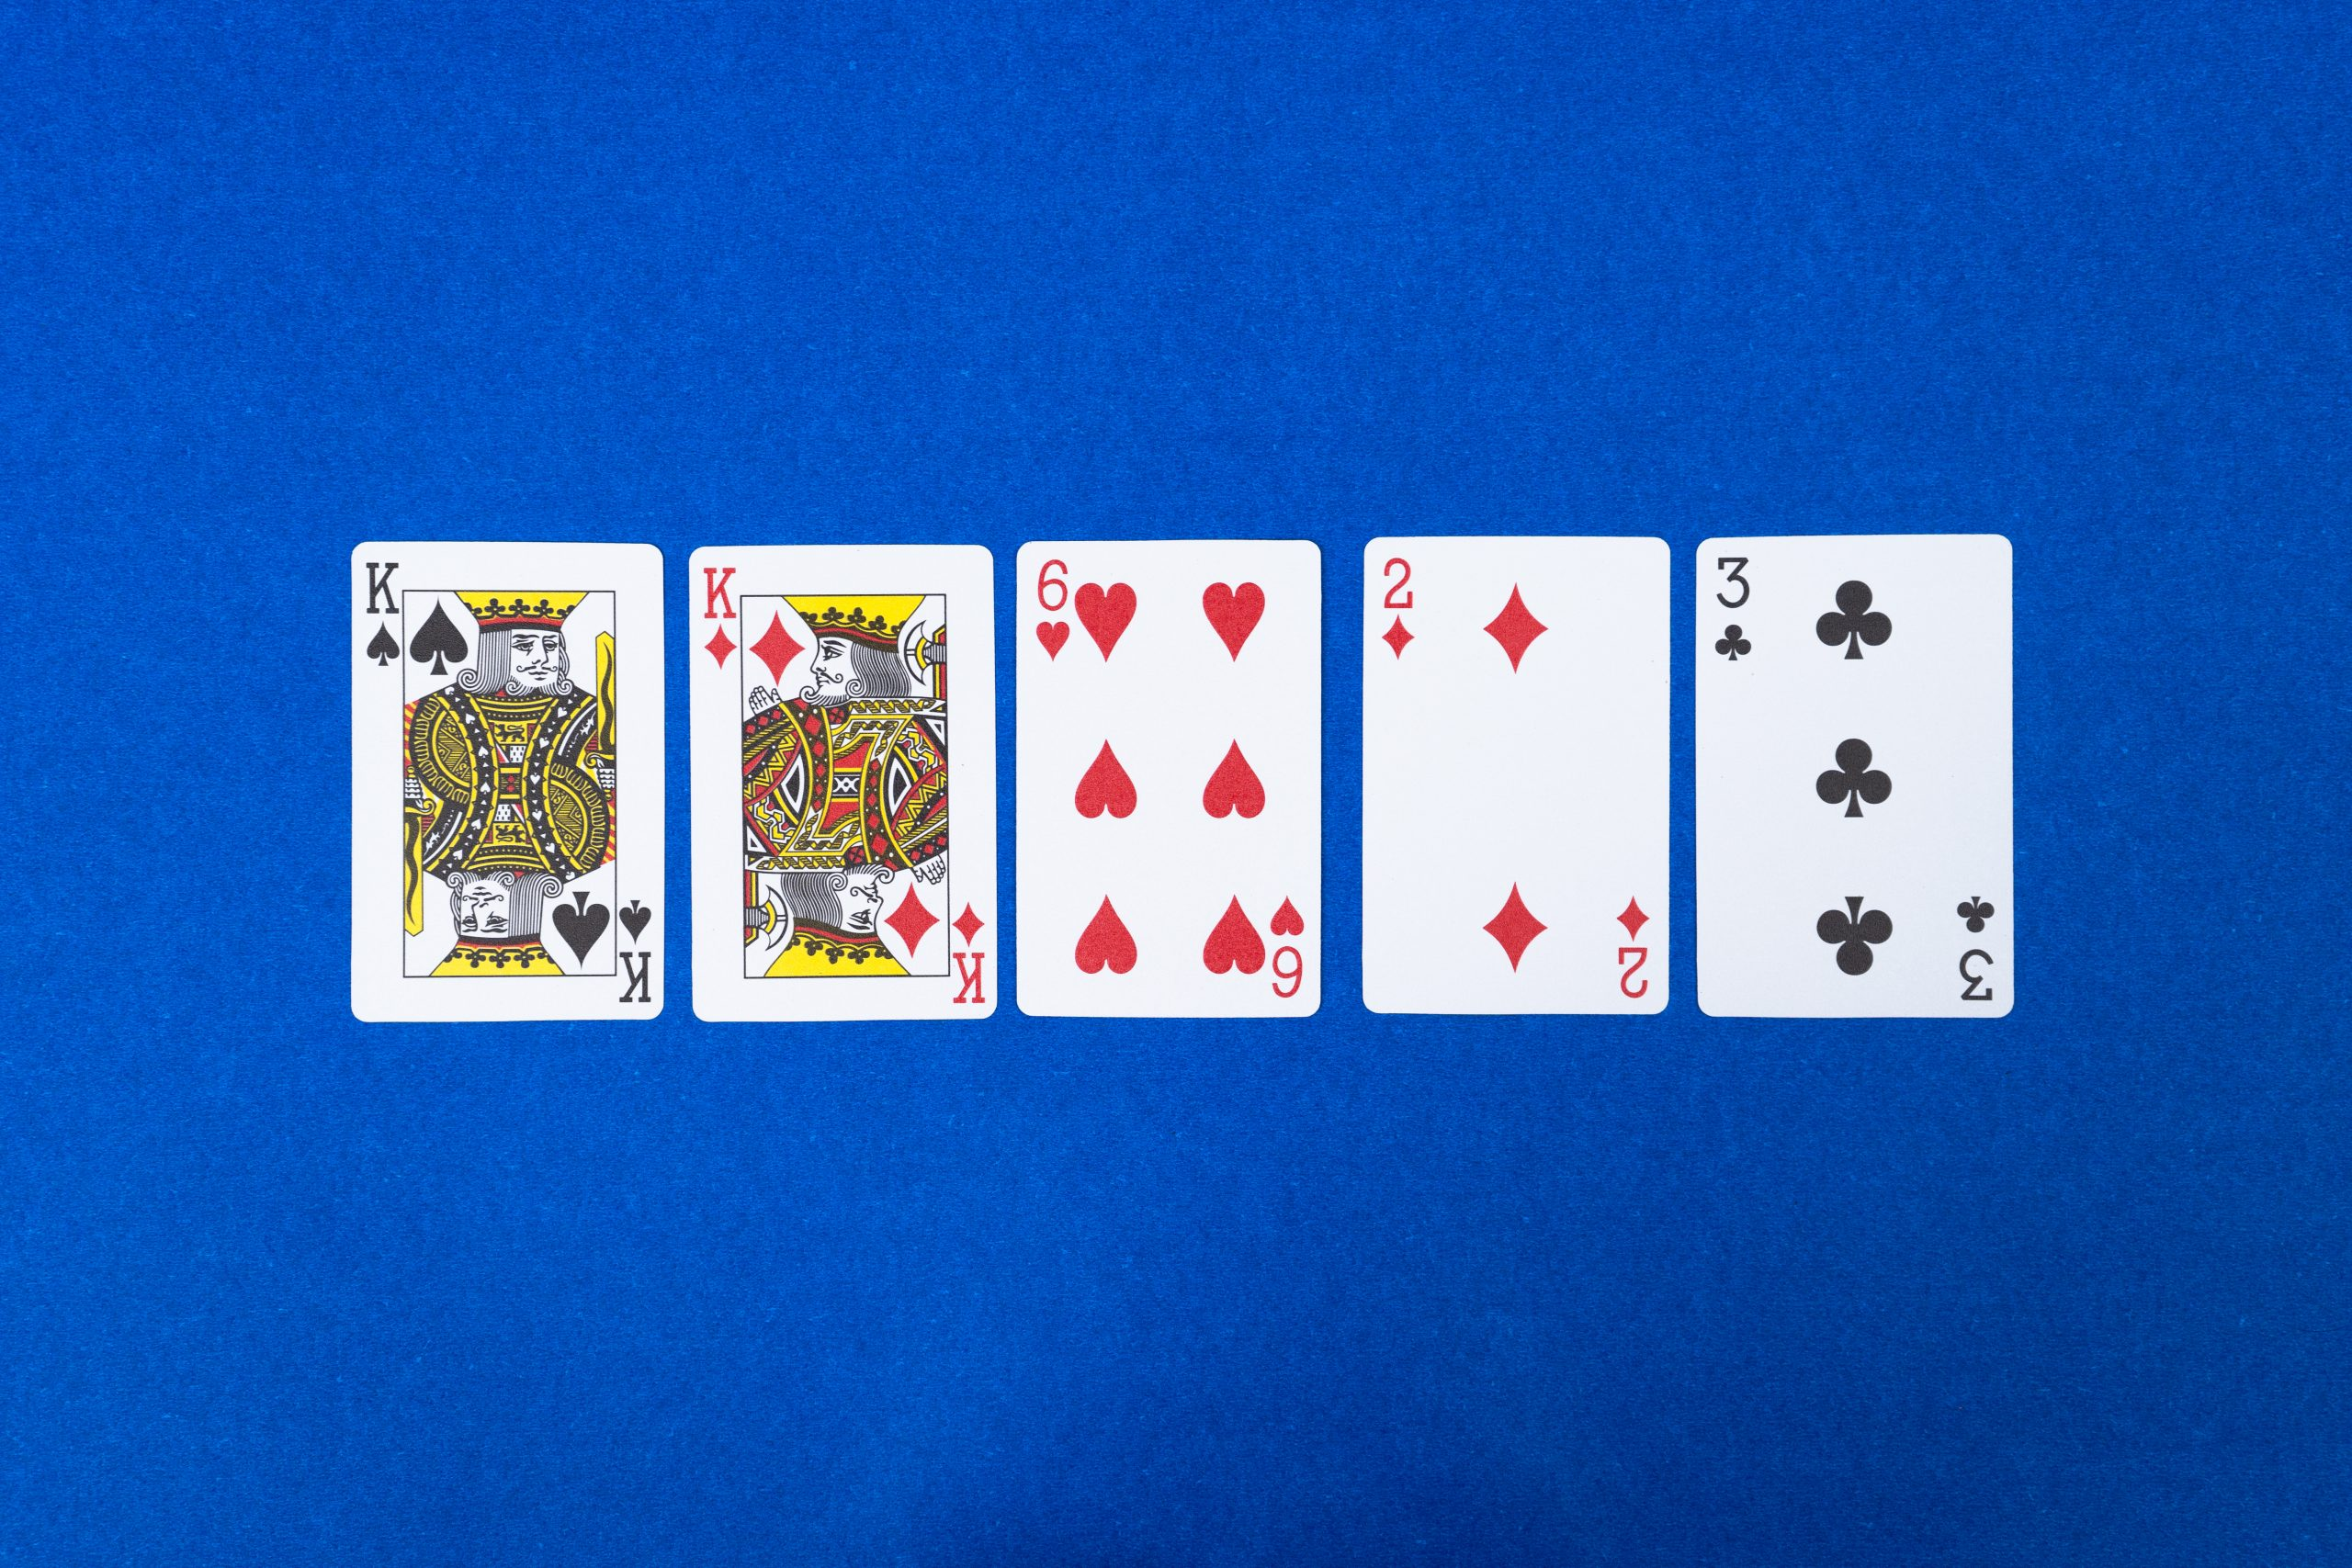 Pair of kings in poker game